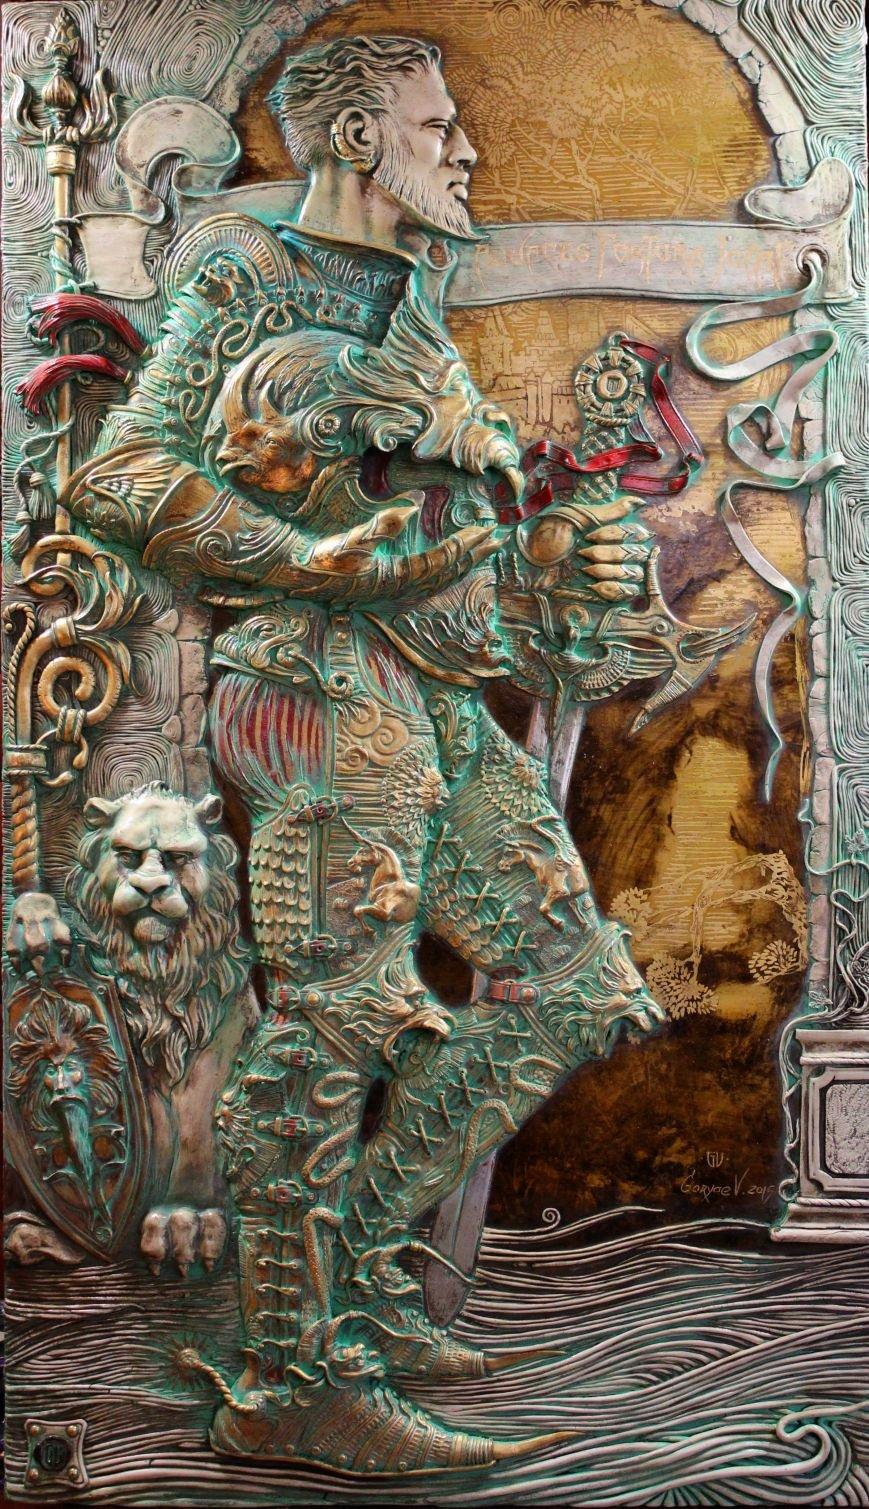 Криворожский художник Виктор Горяев: Чтобы увидеть красоту, мне не обязательно выходить из дома (ФОТО) (фото) - фото 1